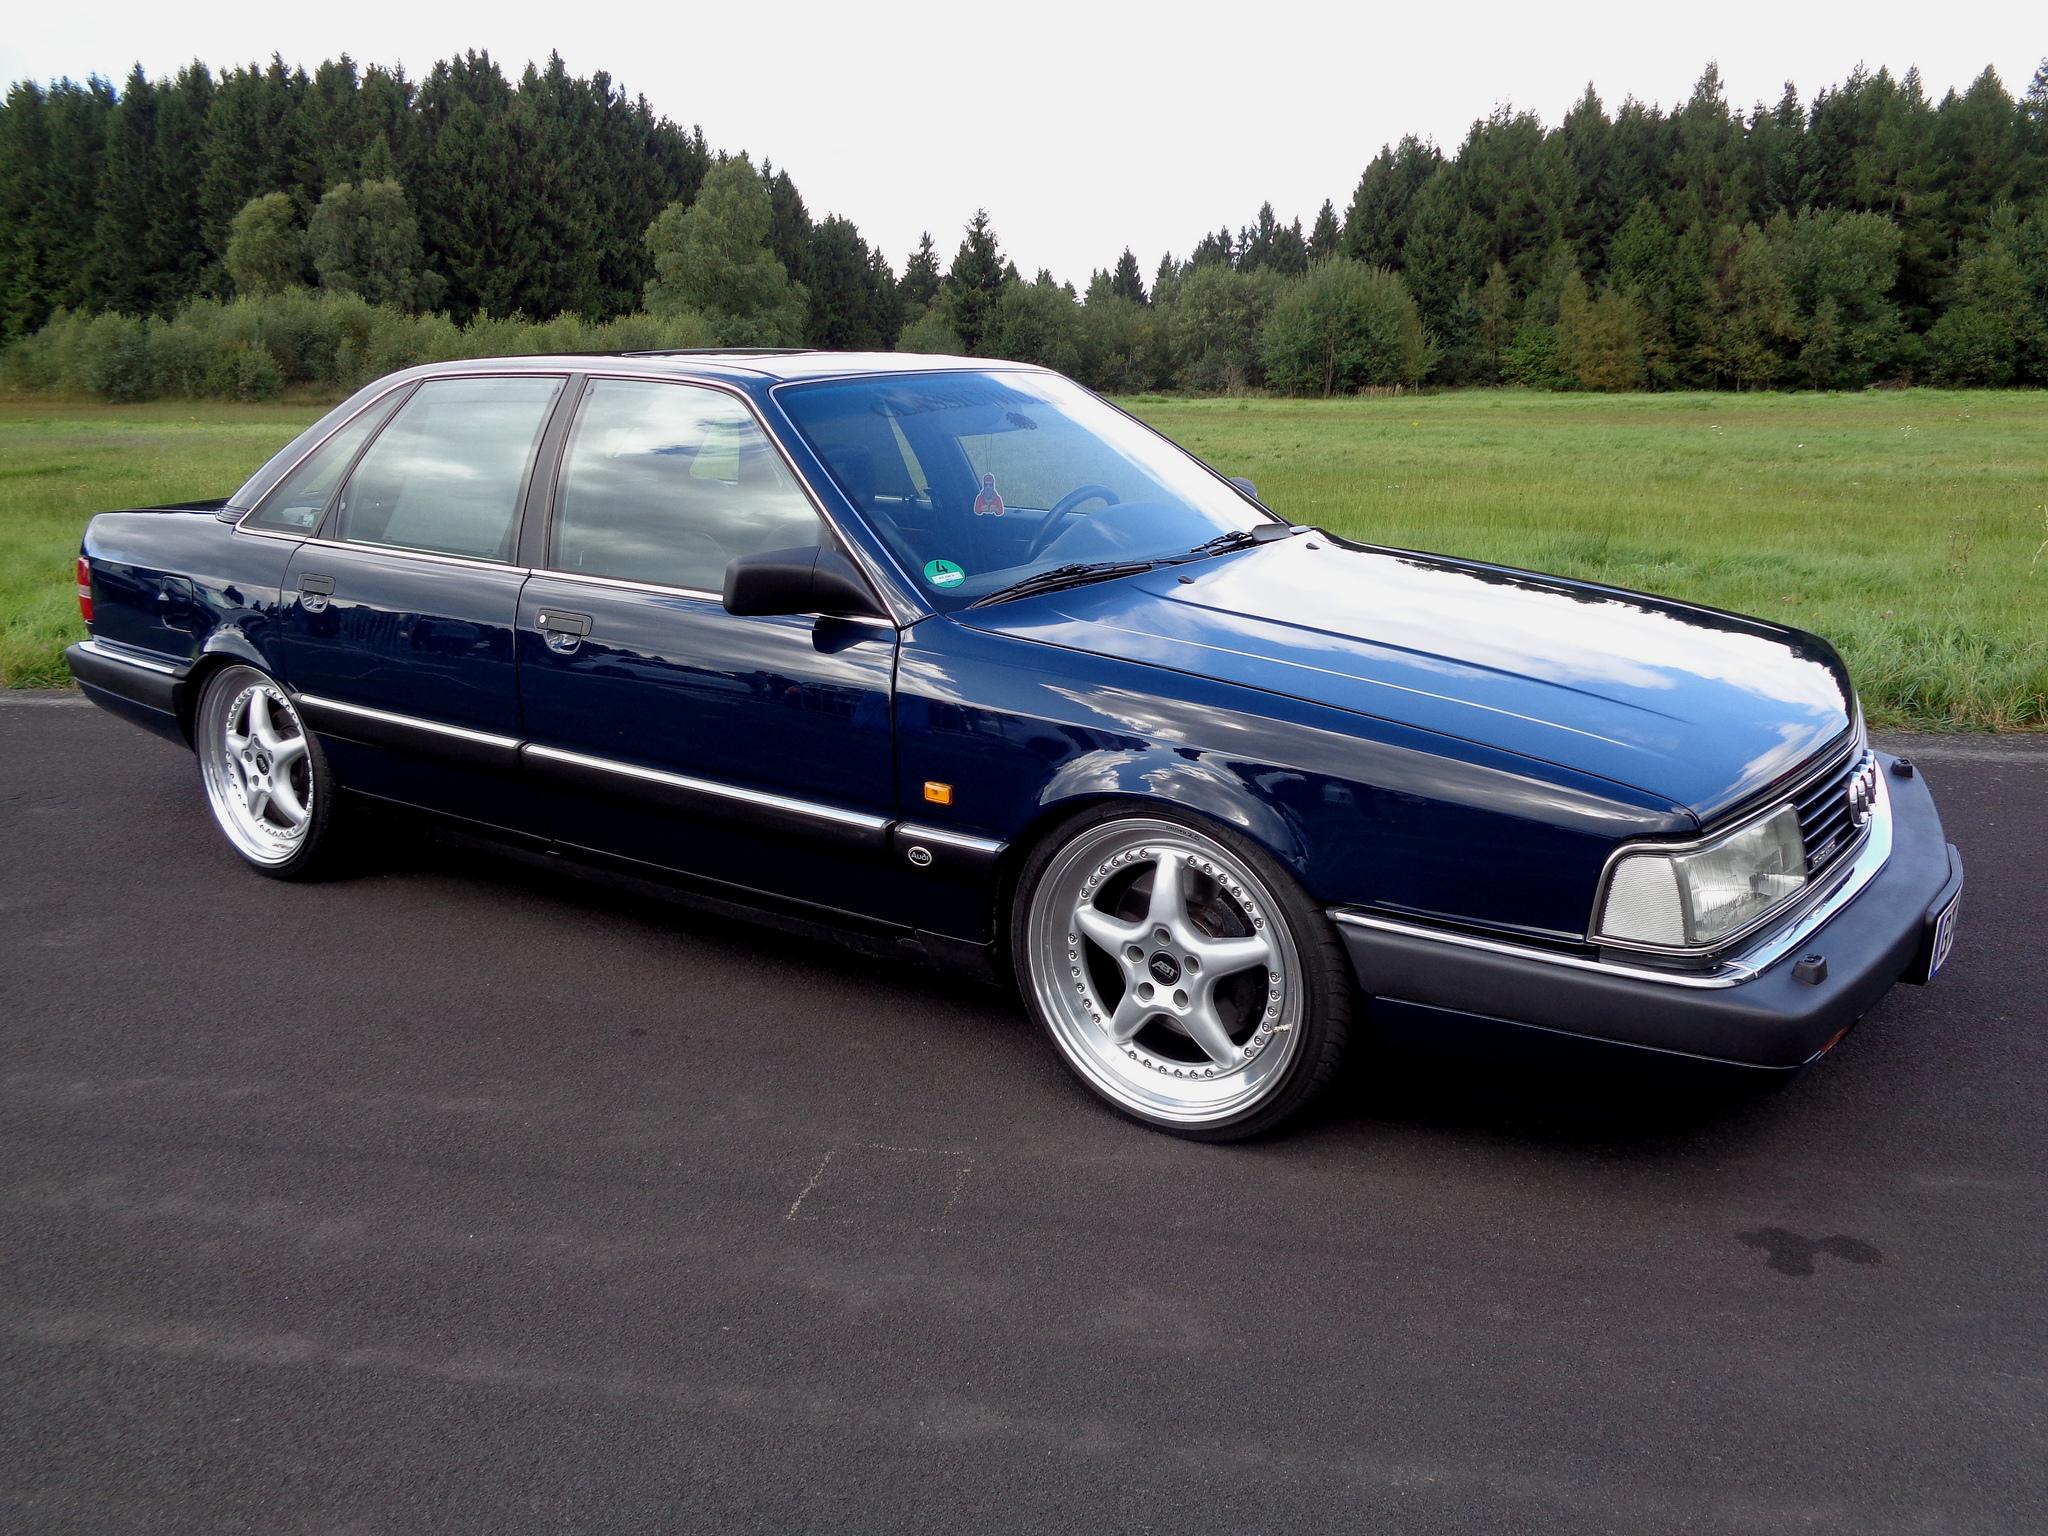 Audi 200 Tuning 3 Tuning